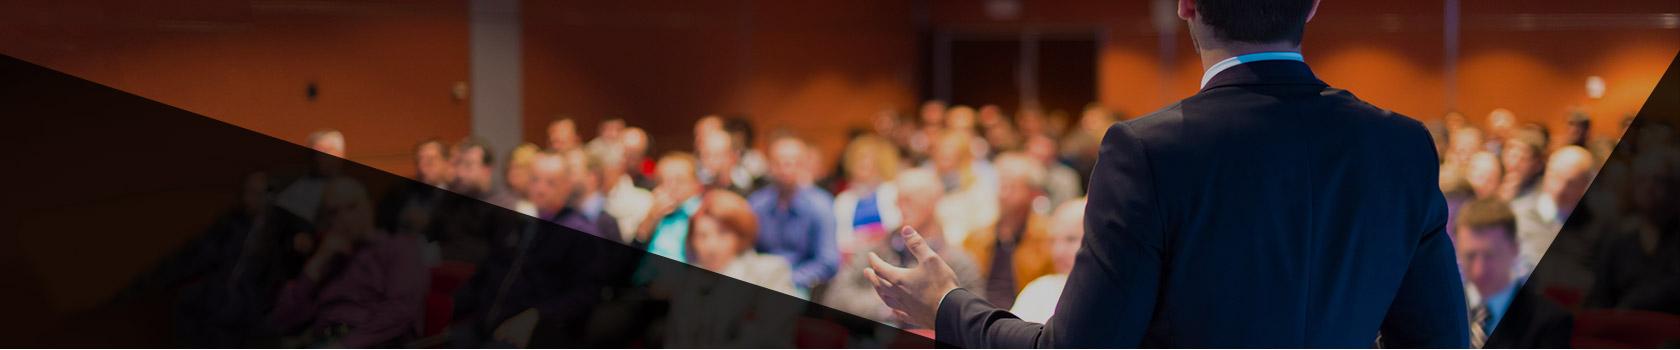 Schulungen und Seminare Header, Foto von Sprecher mit Publikum